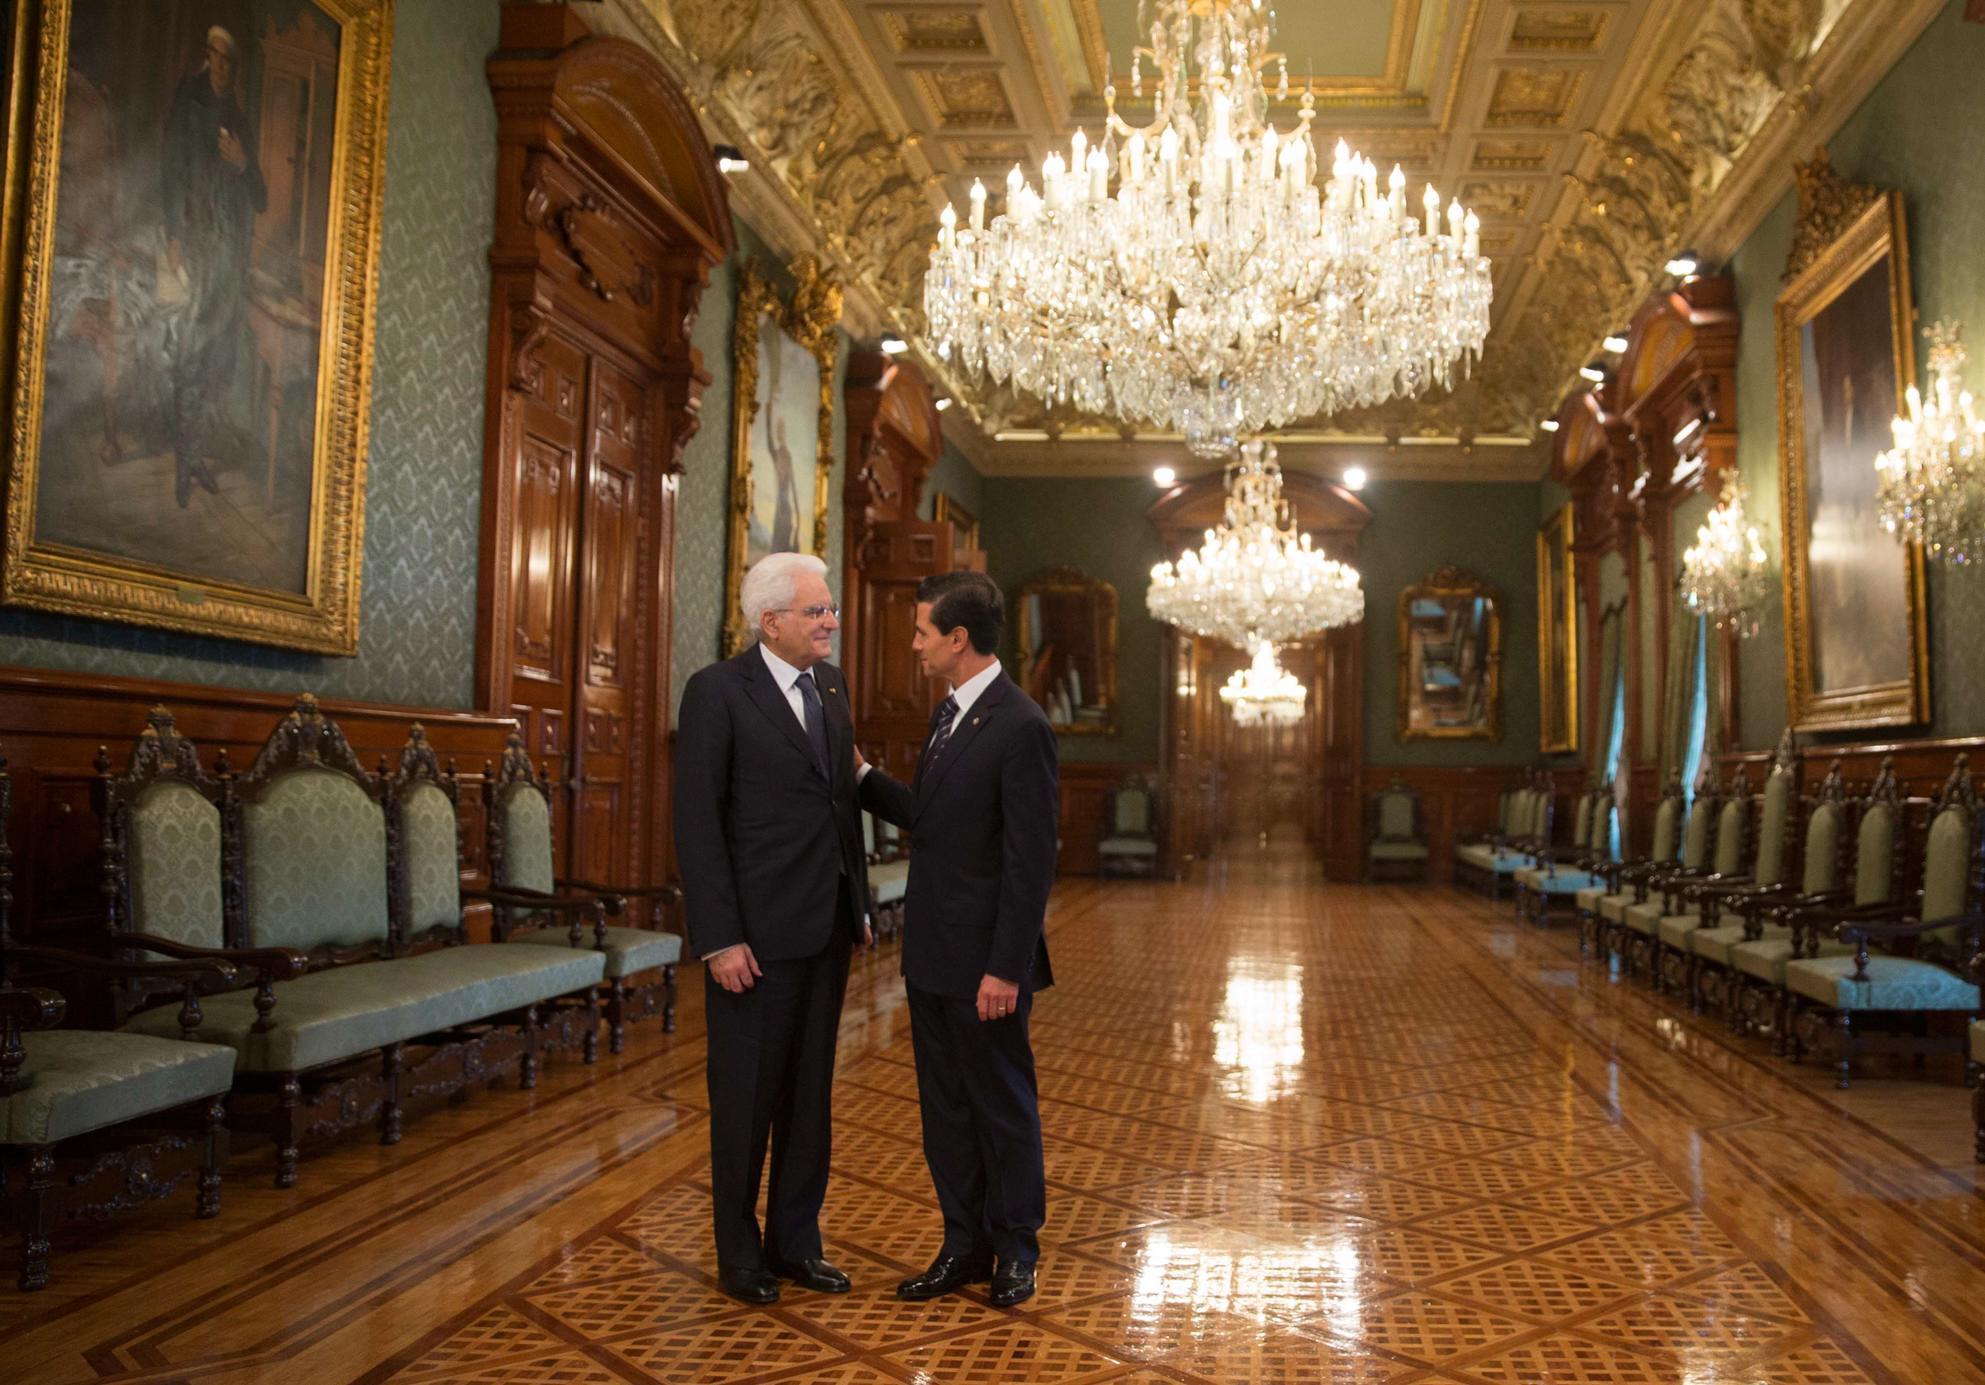 El Presidente Peña Nieto expresó su solidaridad con el pueblo italiano y especialmente con las familias de los ciudadanos de ese país que perdieron la vida en el atentado terrorista ocurrido en Bangladesh en días recientes.